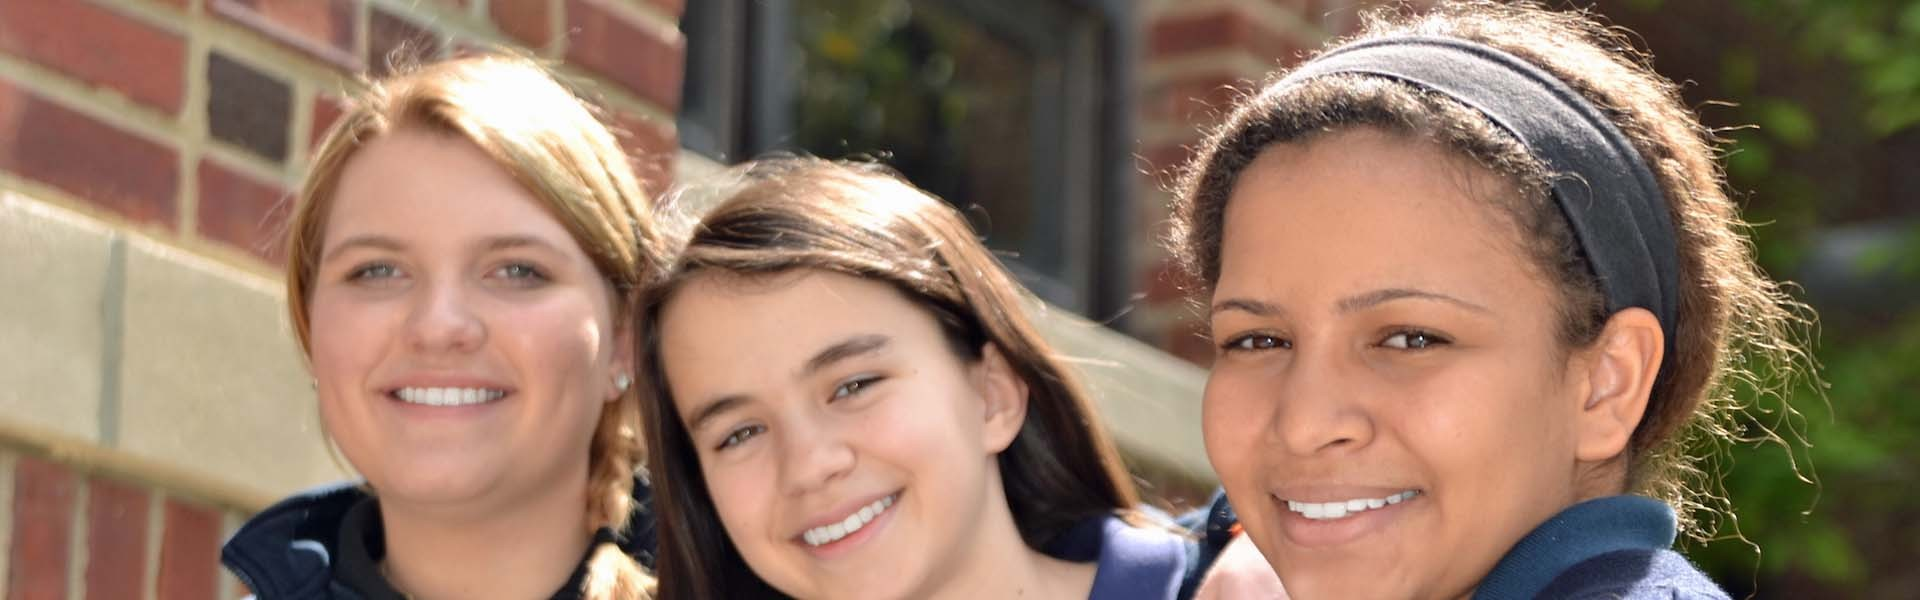 Maur Hill Academy  Kansas USA 3 Girls Banner 2019